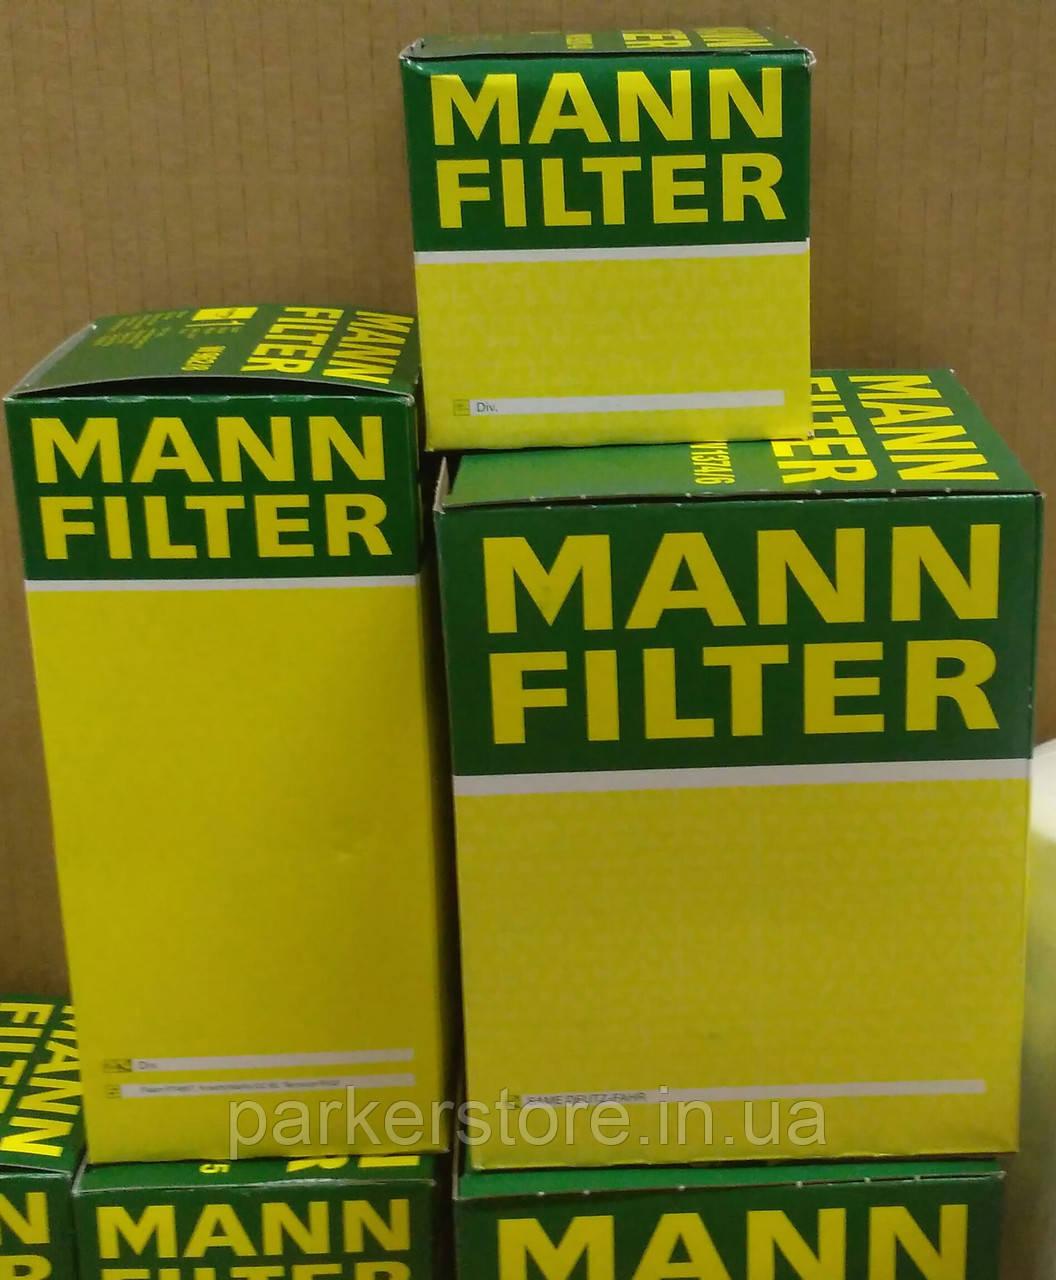 MANN FILTER / Воздушный фильтр / C 26 133 / C26133